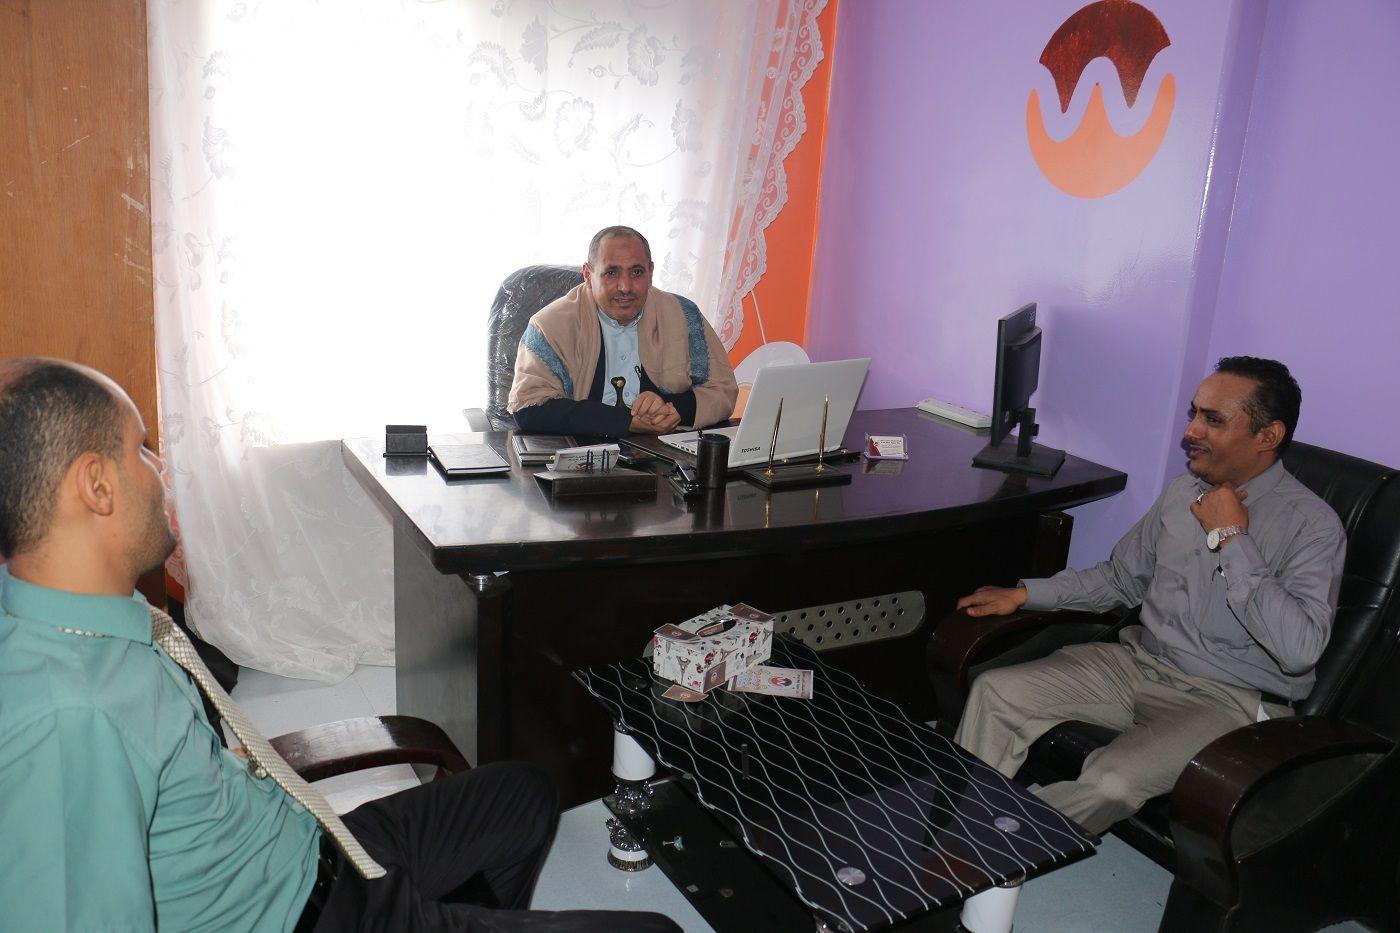 شركة تطبيقات الويب العربية تستقبل وكيل أول محافظة تعز الدكتور عبدالقوي المخلافي